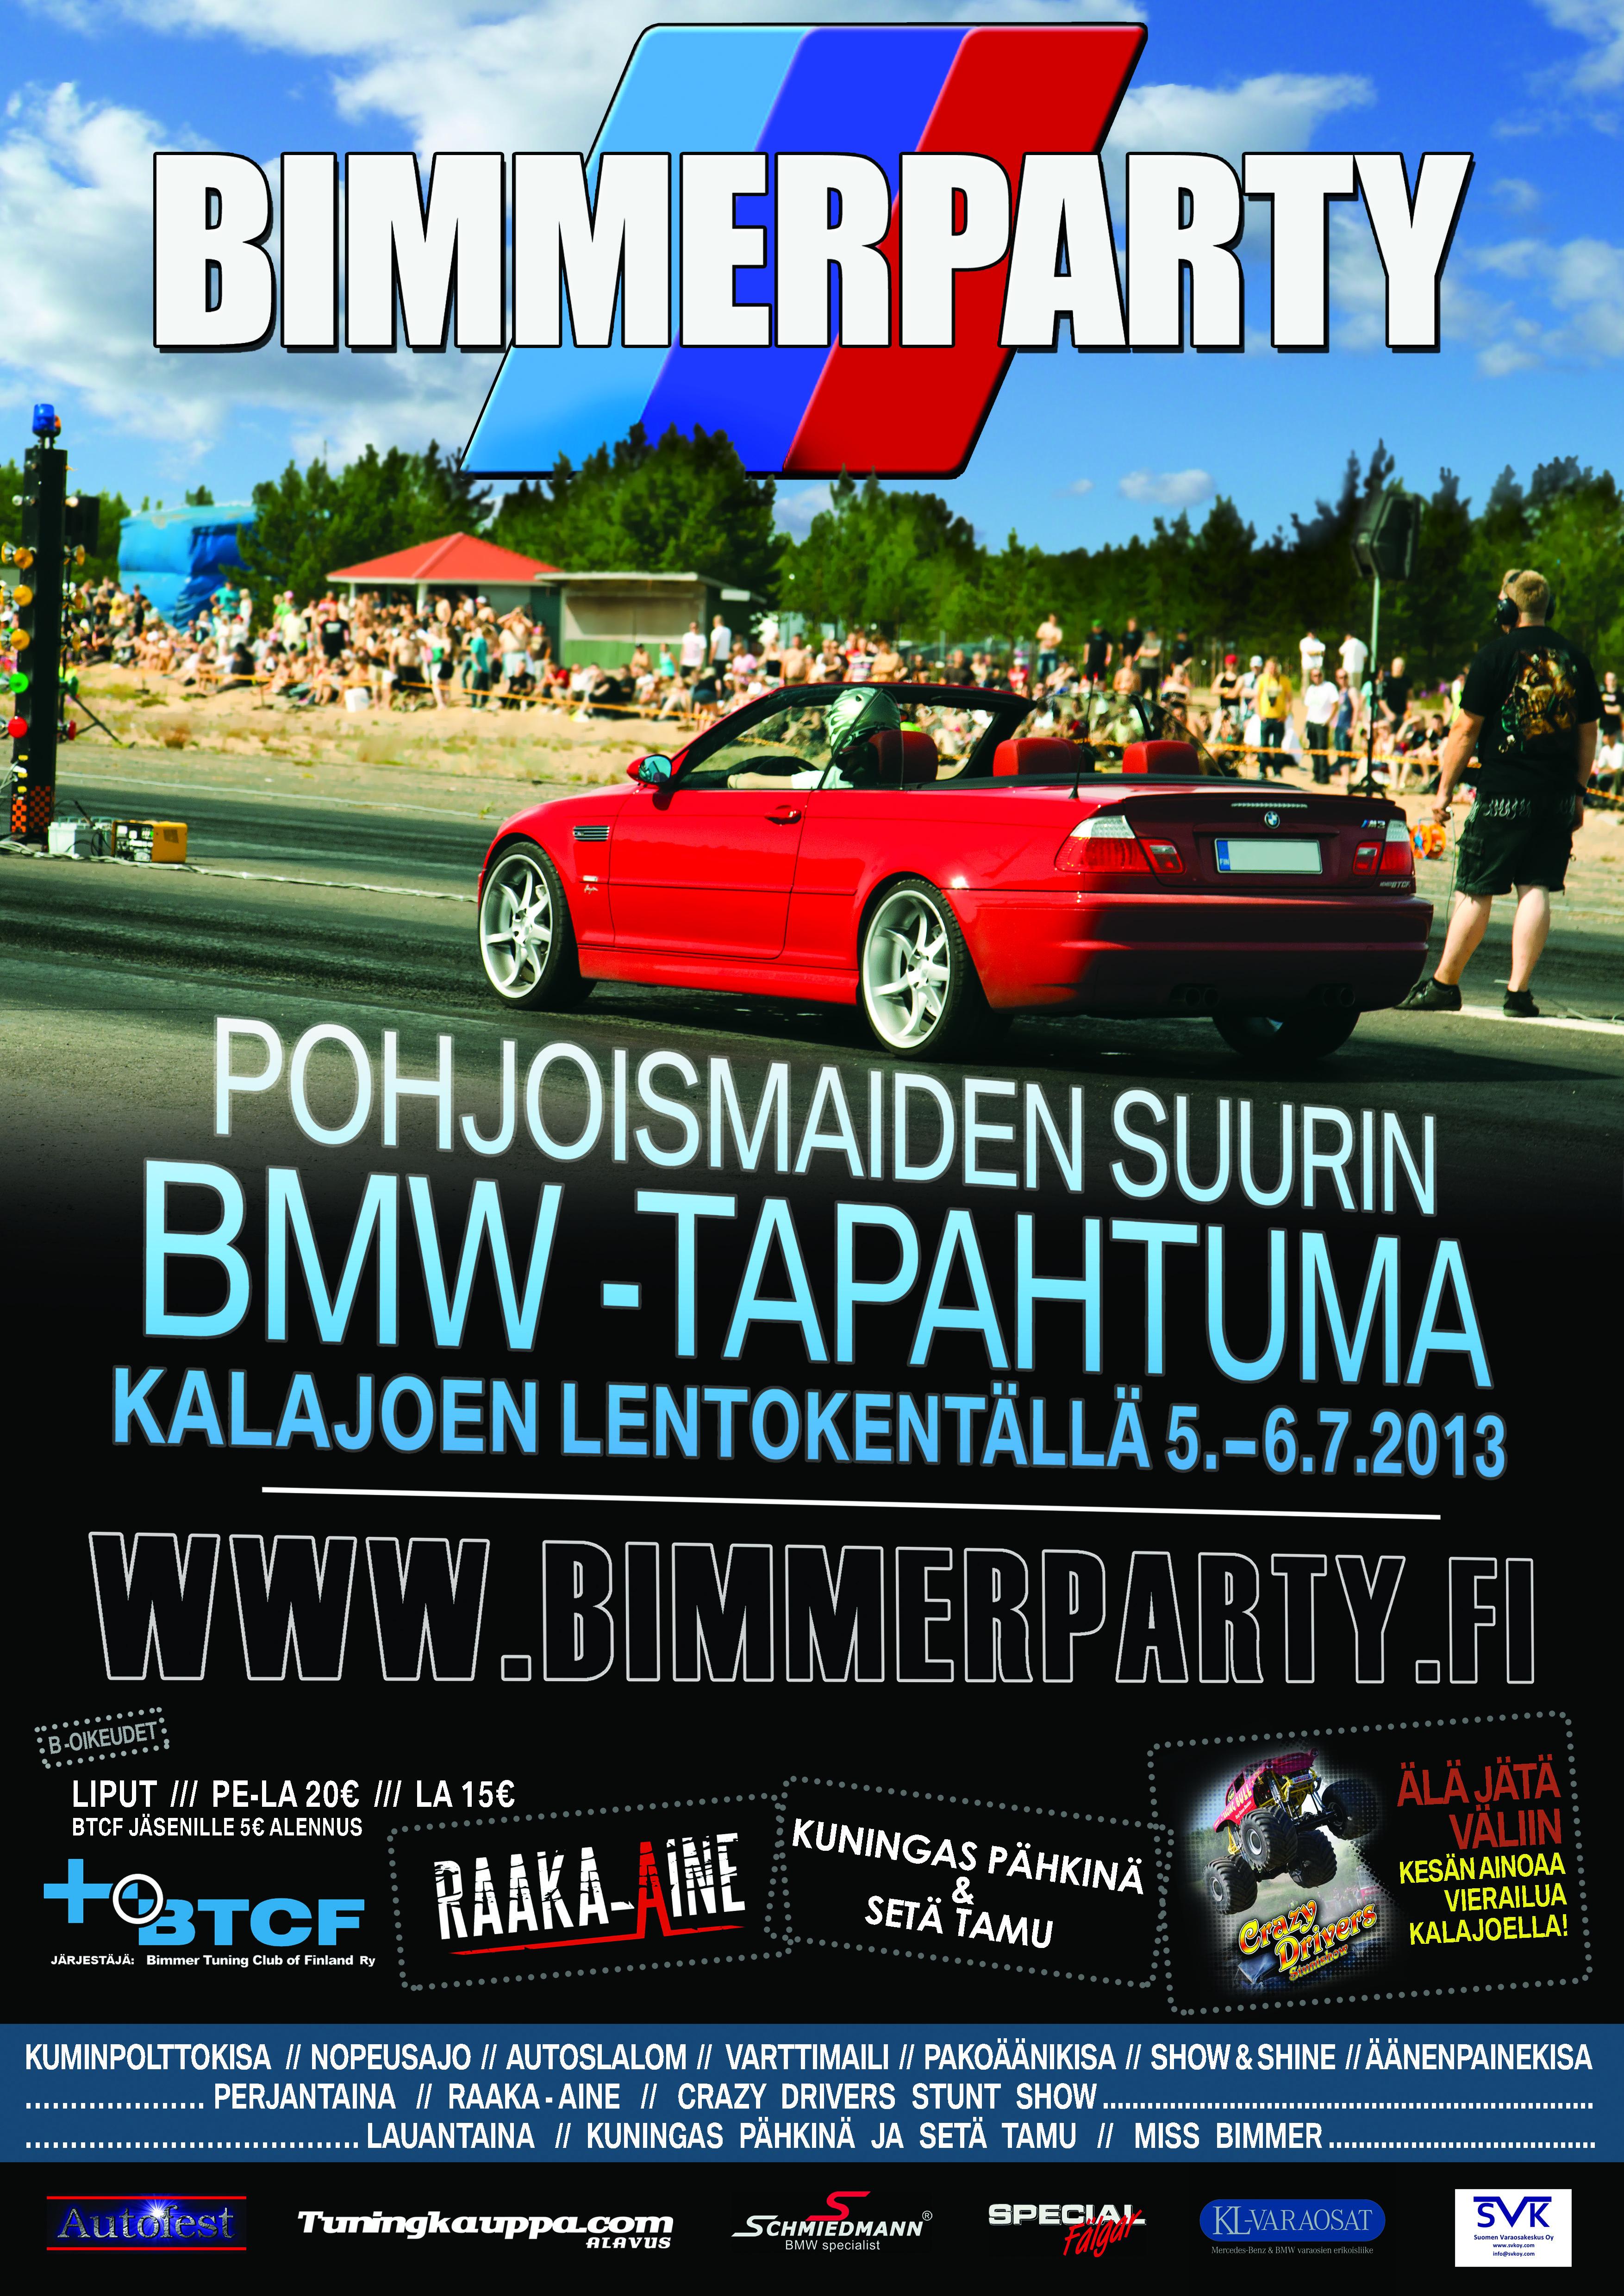 bimmerparty_2013_juliste_A3.jpg